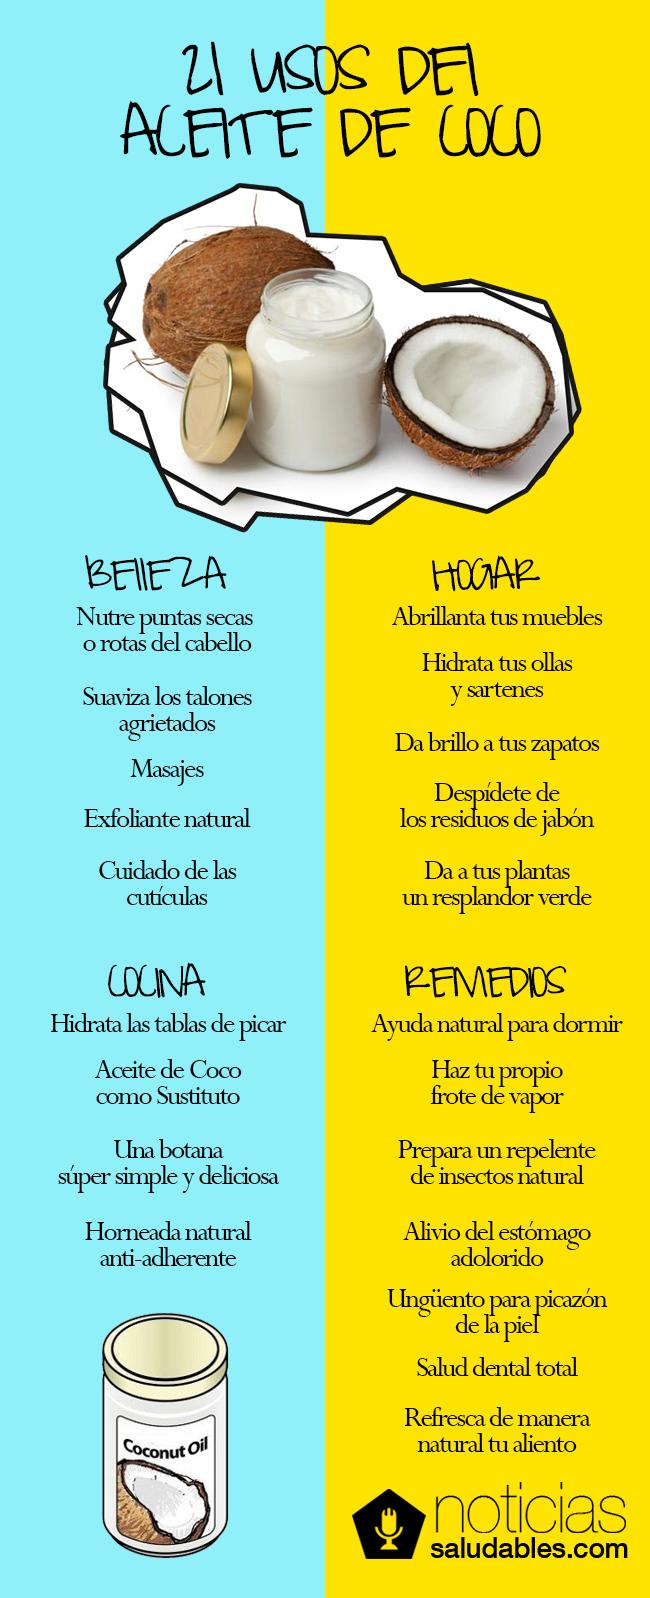 21 Usos Del Aceite De Coco Noticias Saludables